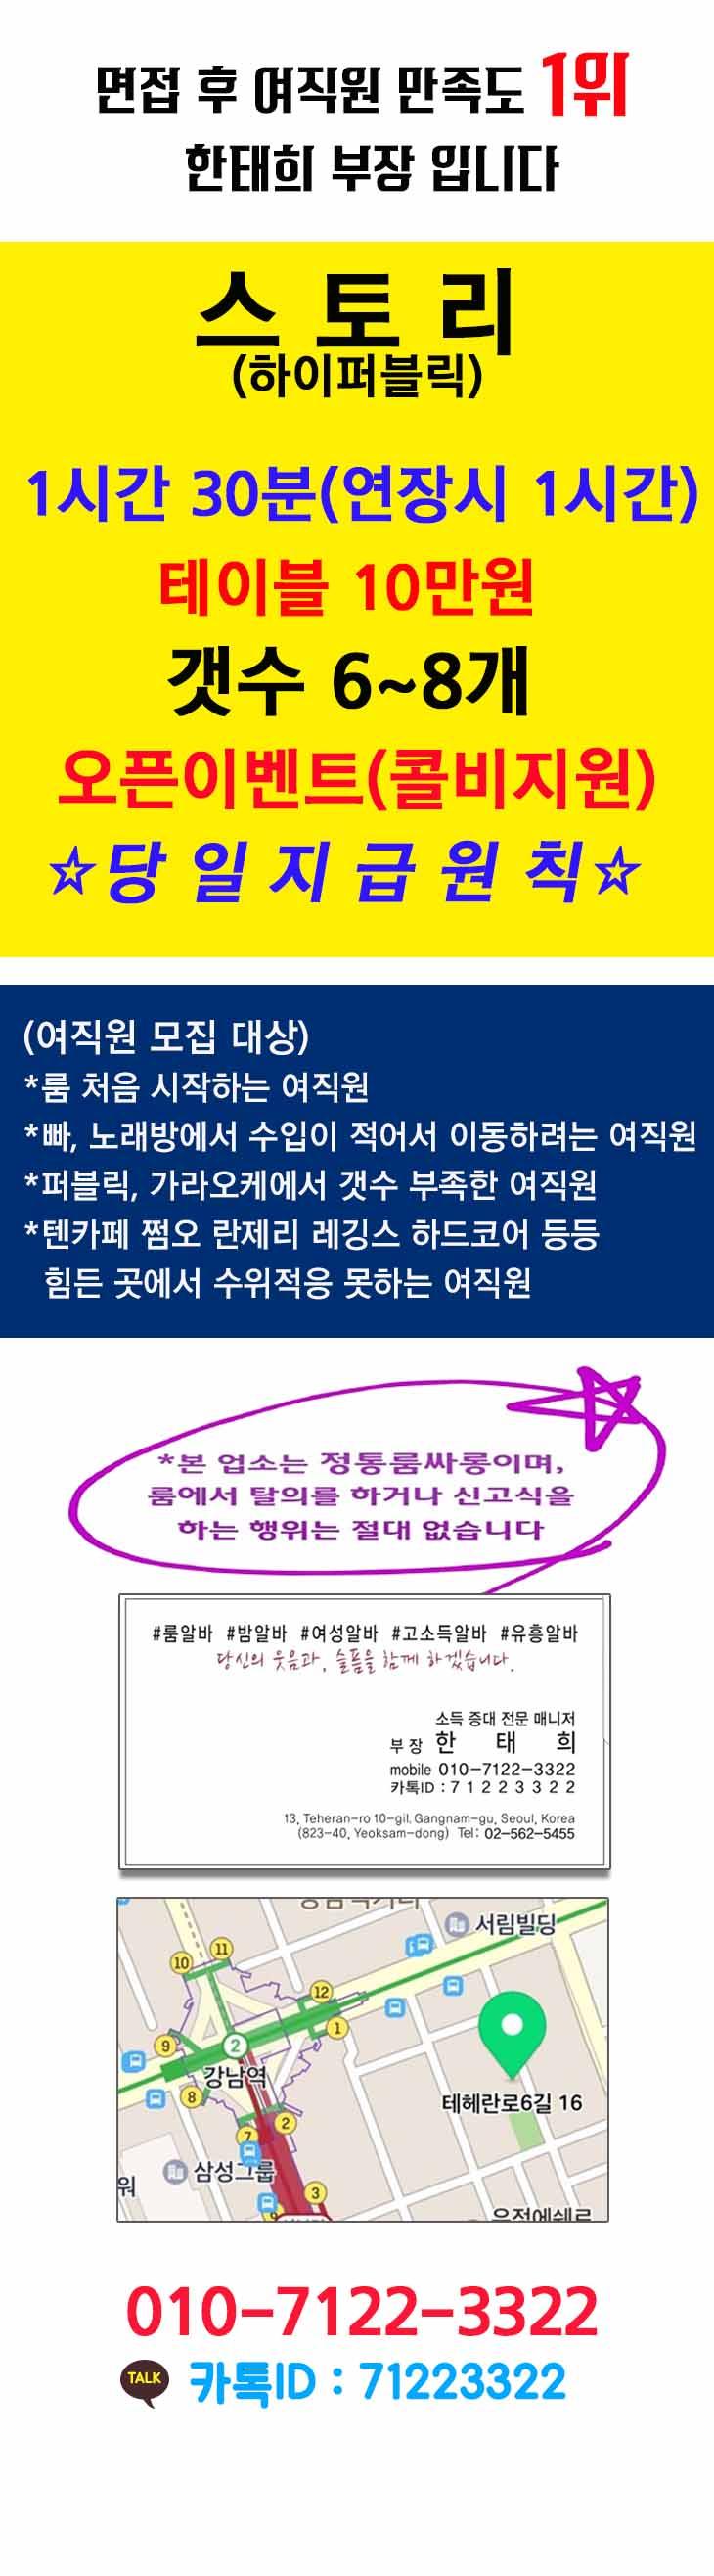 【 알바걸스 】랭킹1위 여성알바 전문 구인구직 밤알바,유흥알바,룸알바